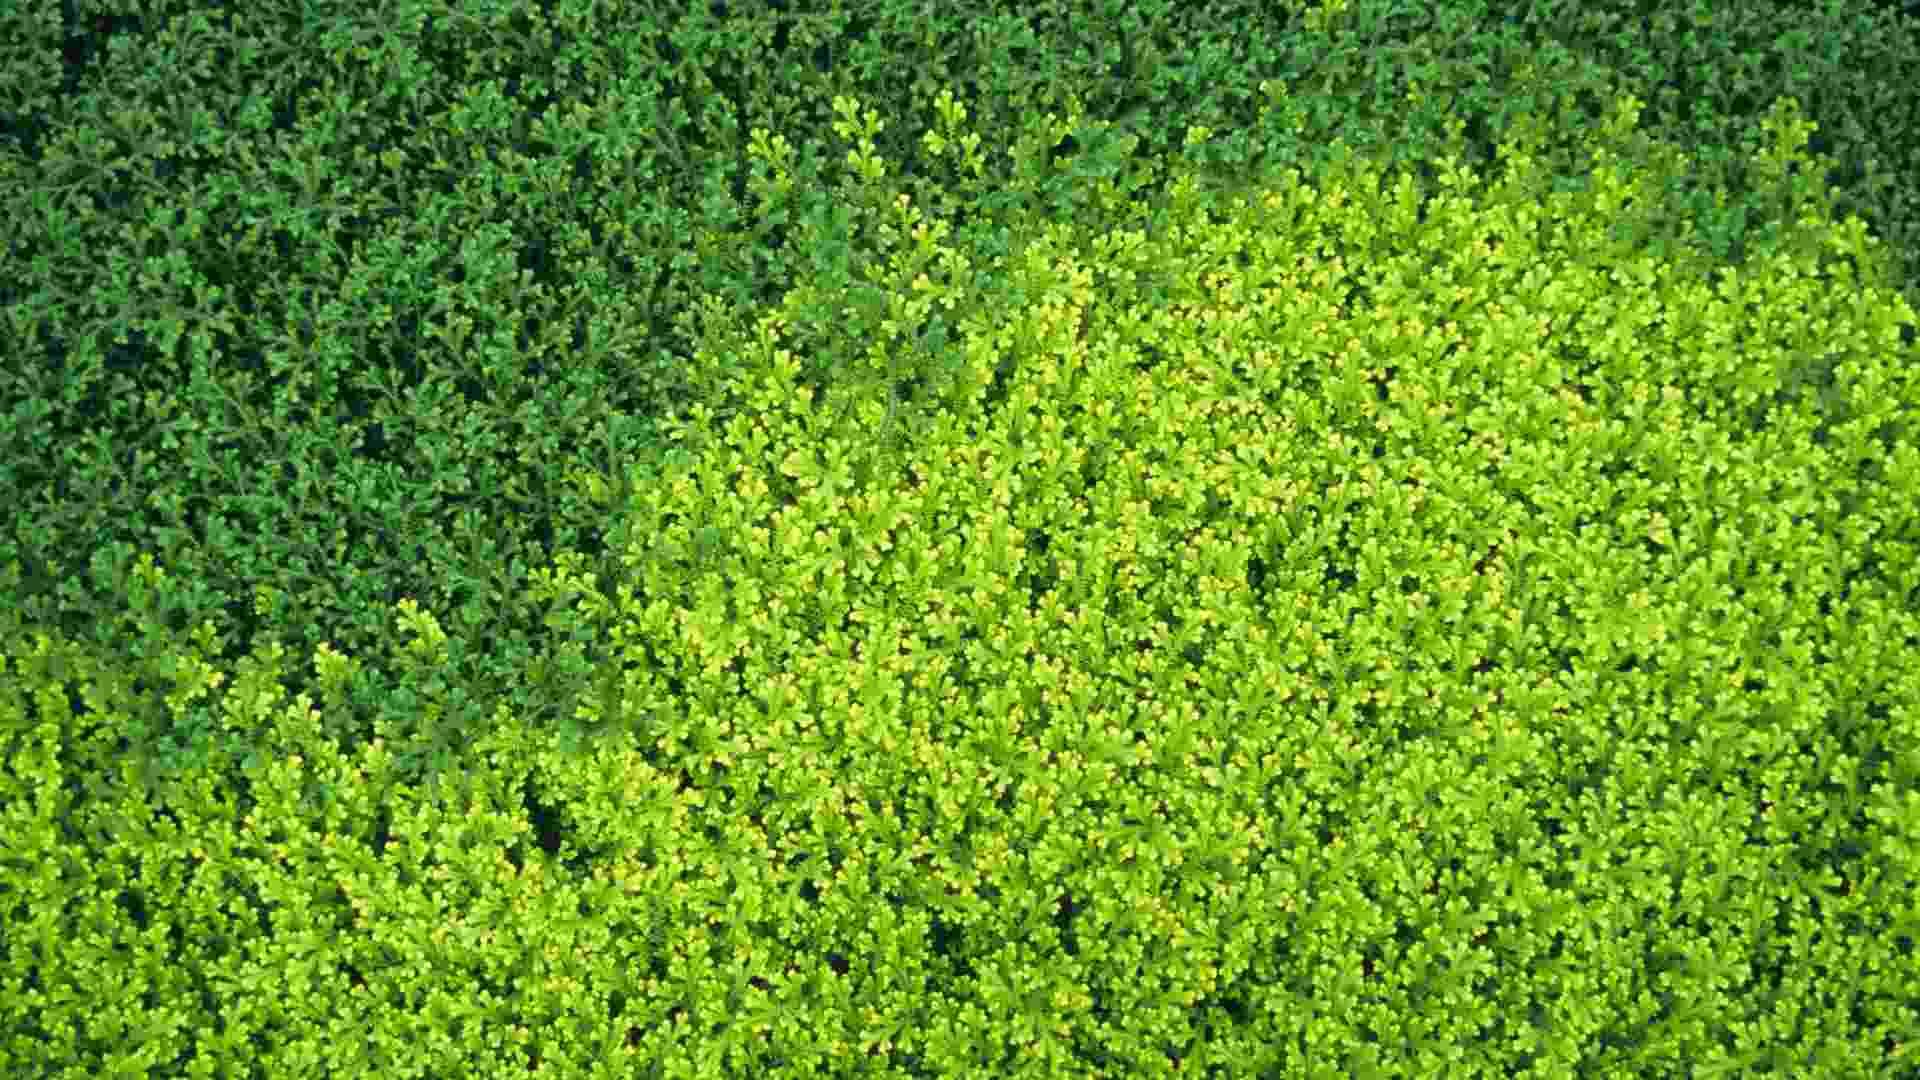 Espécies utilizadas em interiores: Selaginella kraussiana (musguinho) ? ótima para forração de vasos e canteiros à sombra, possui folhas muito delicadas. Gosta de locais úmidos, mas não encharcados - Getty Images